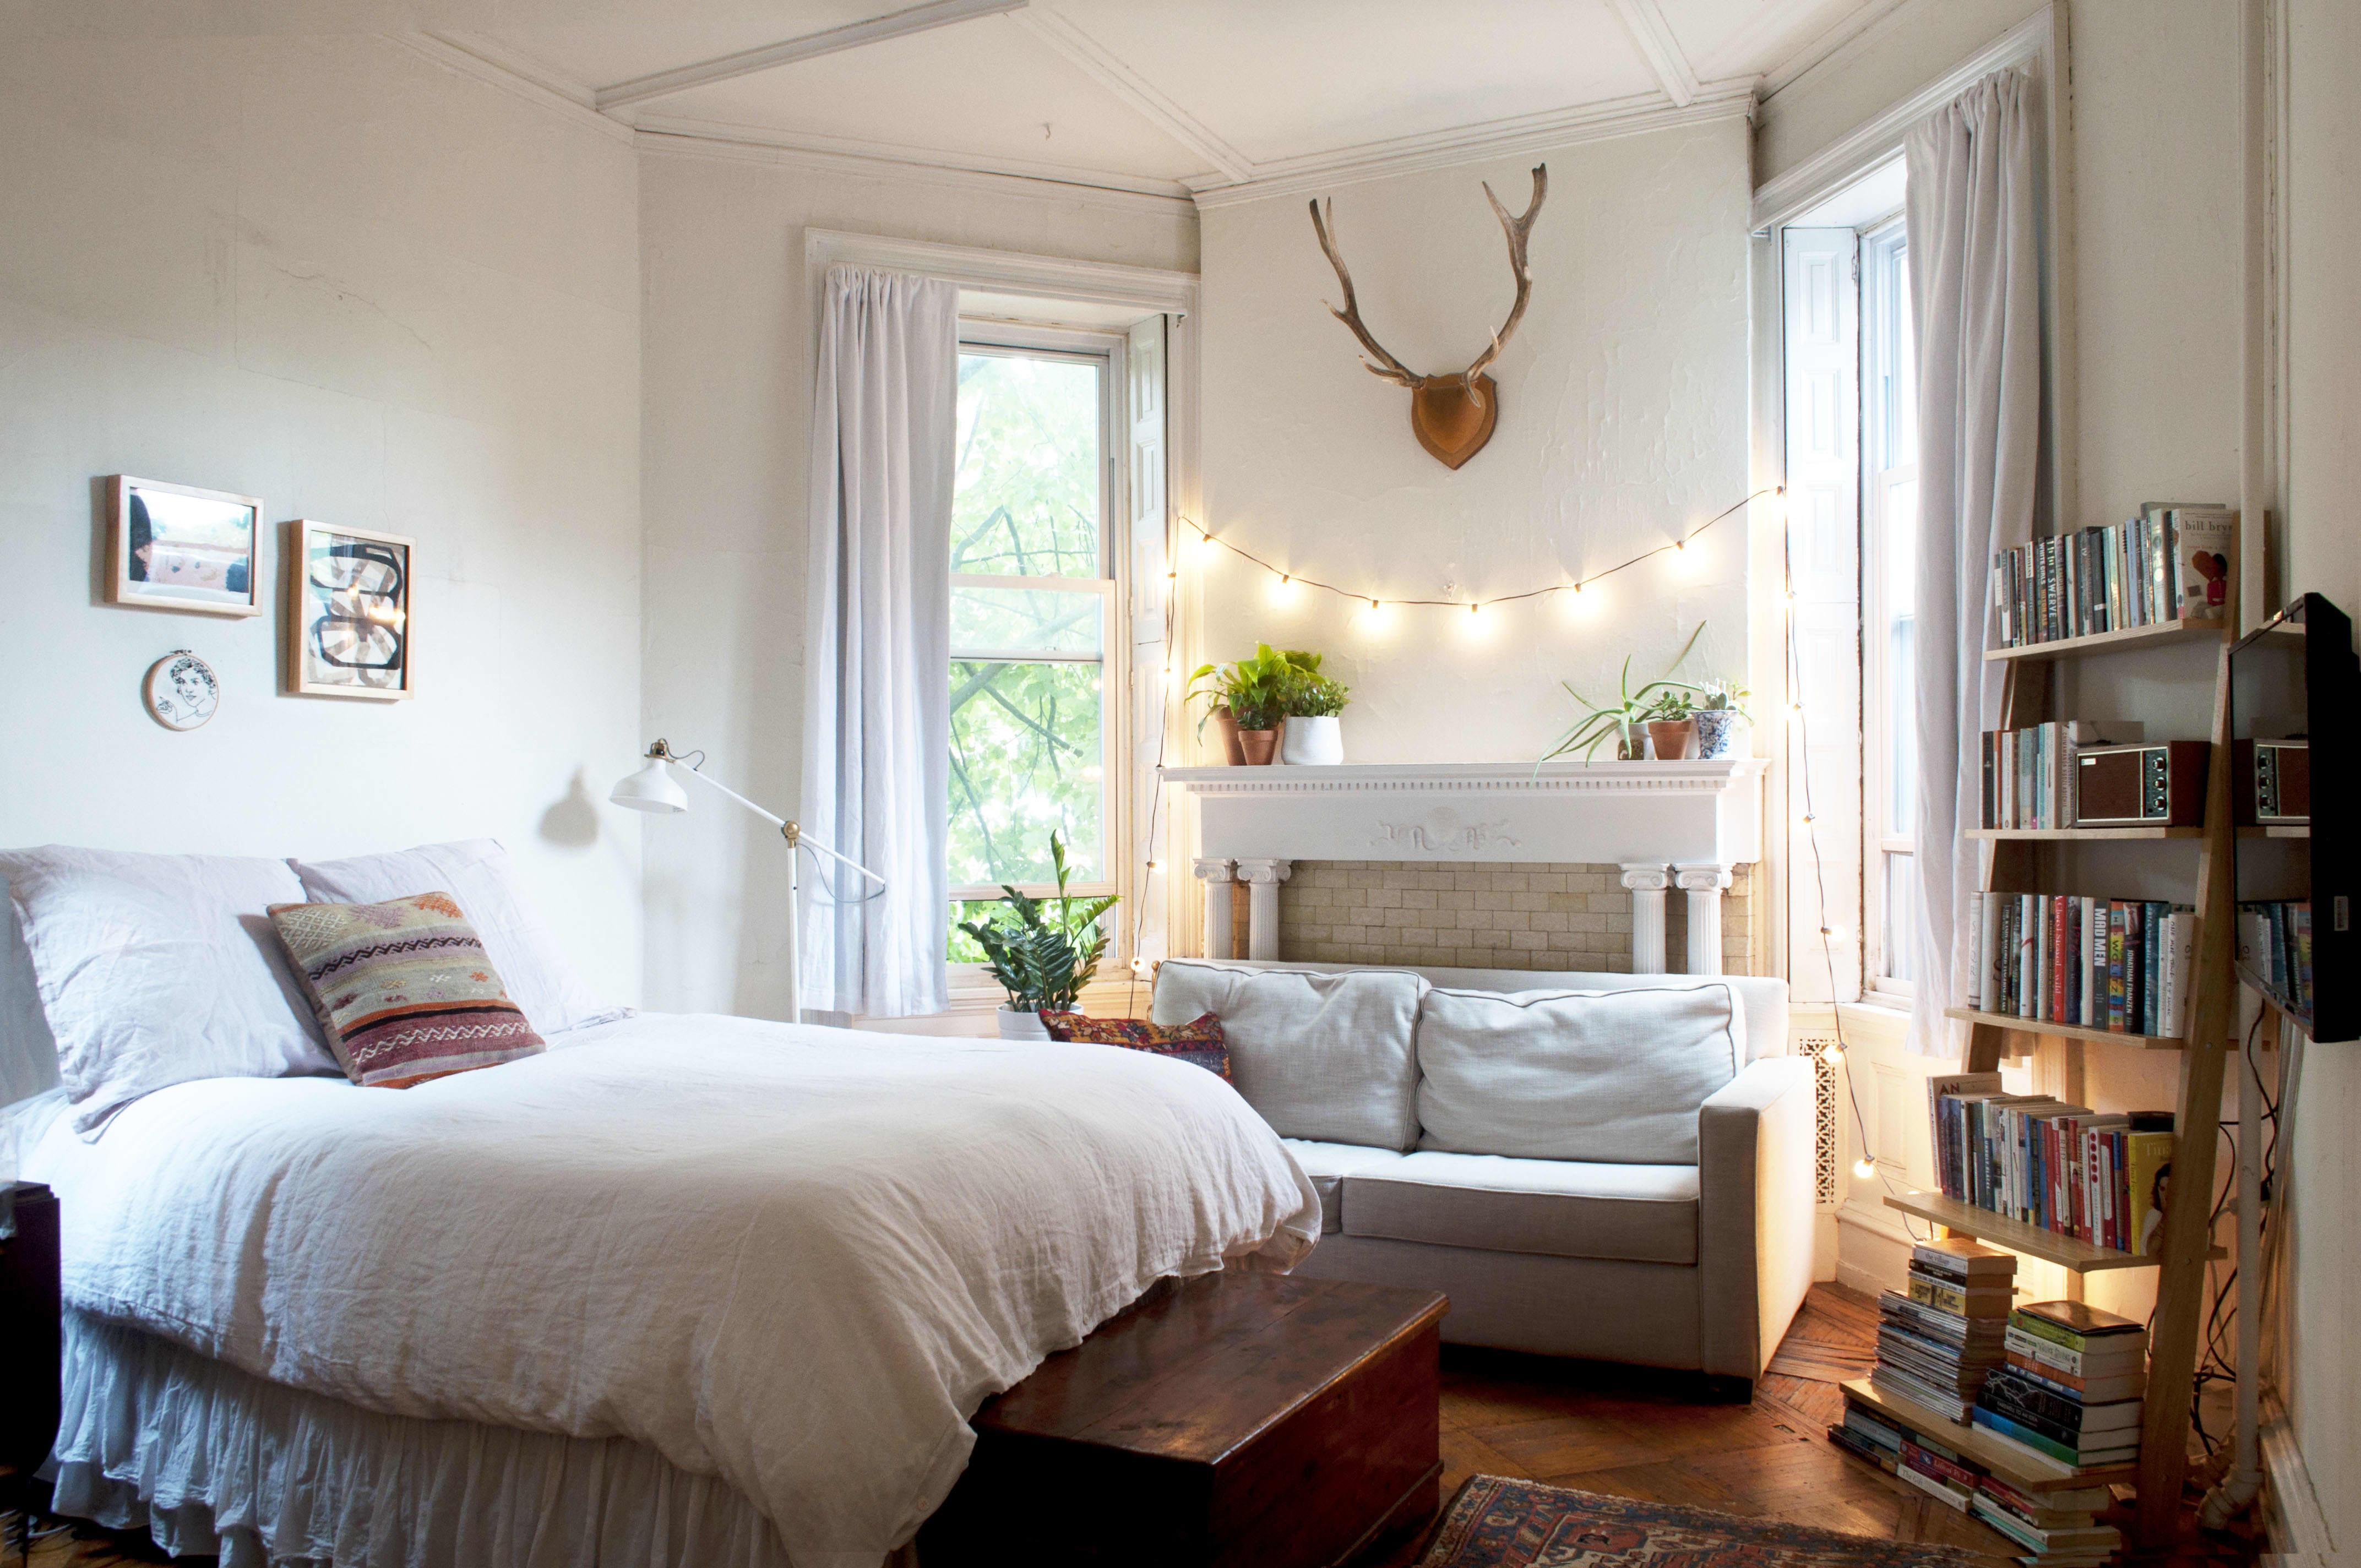 House Tour: A Small, Minimal Studio Apartment | Apartment ...